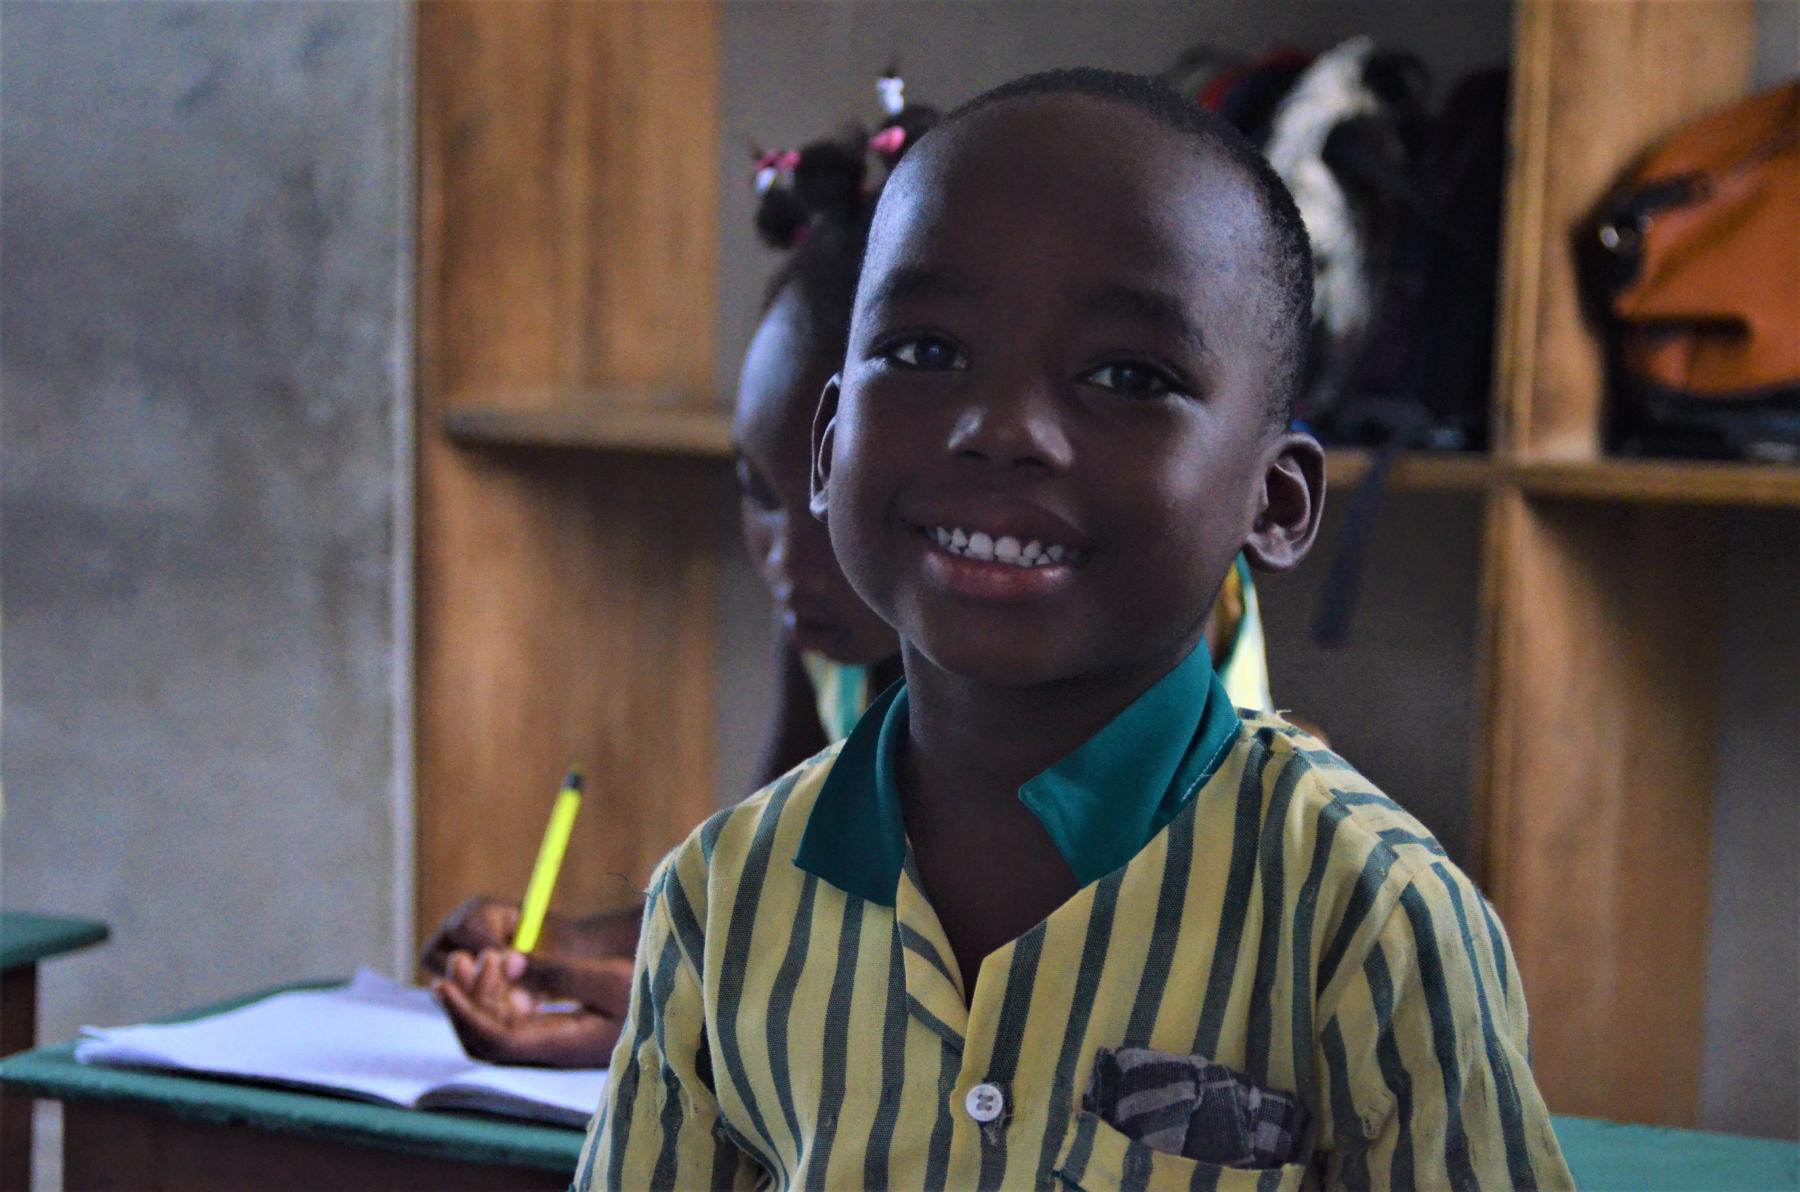 Ein kleiner Schuljunge lächelt